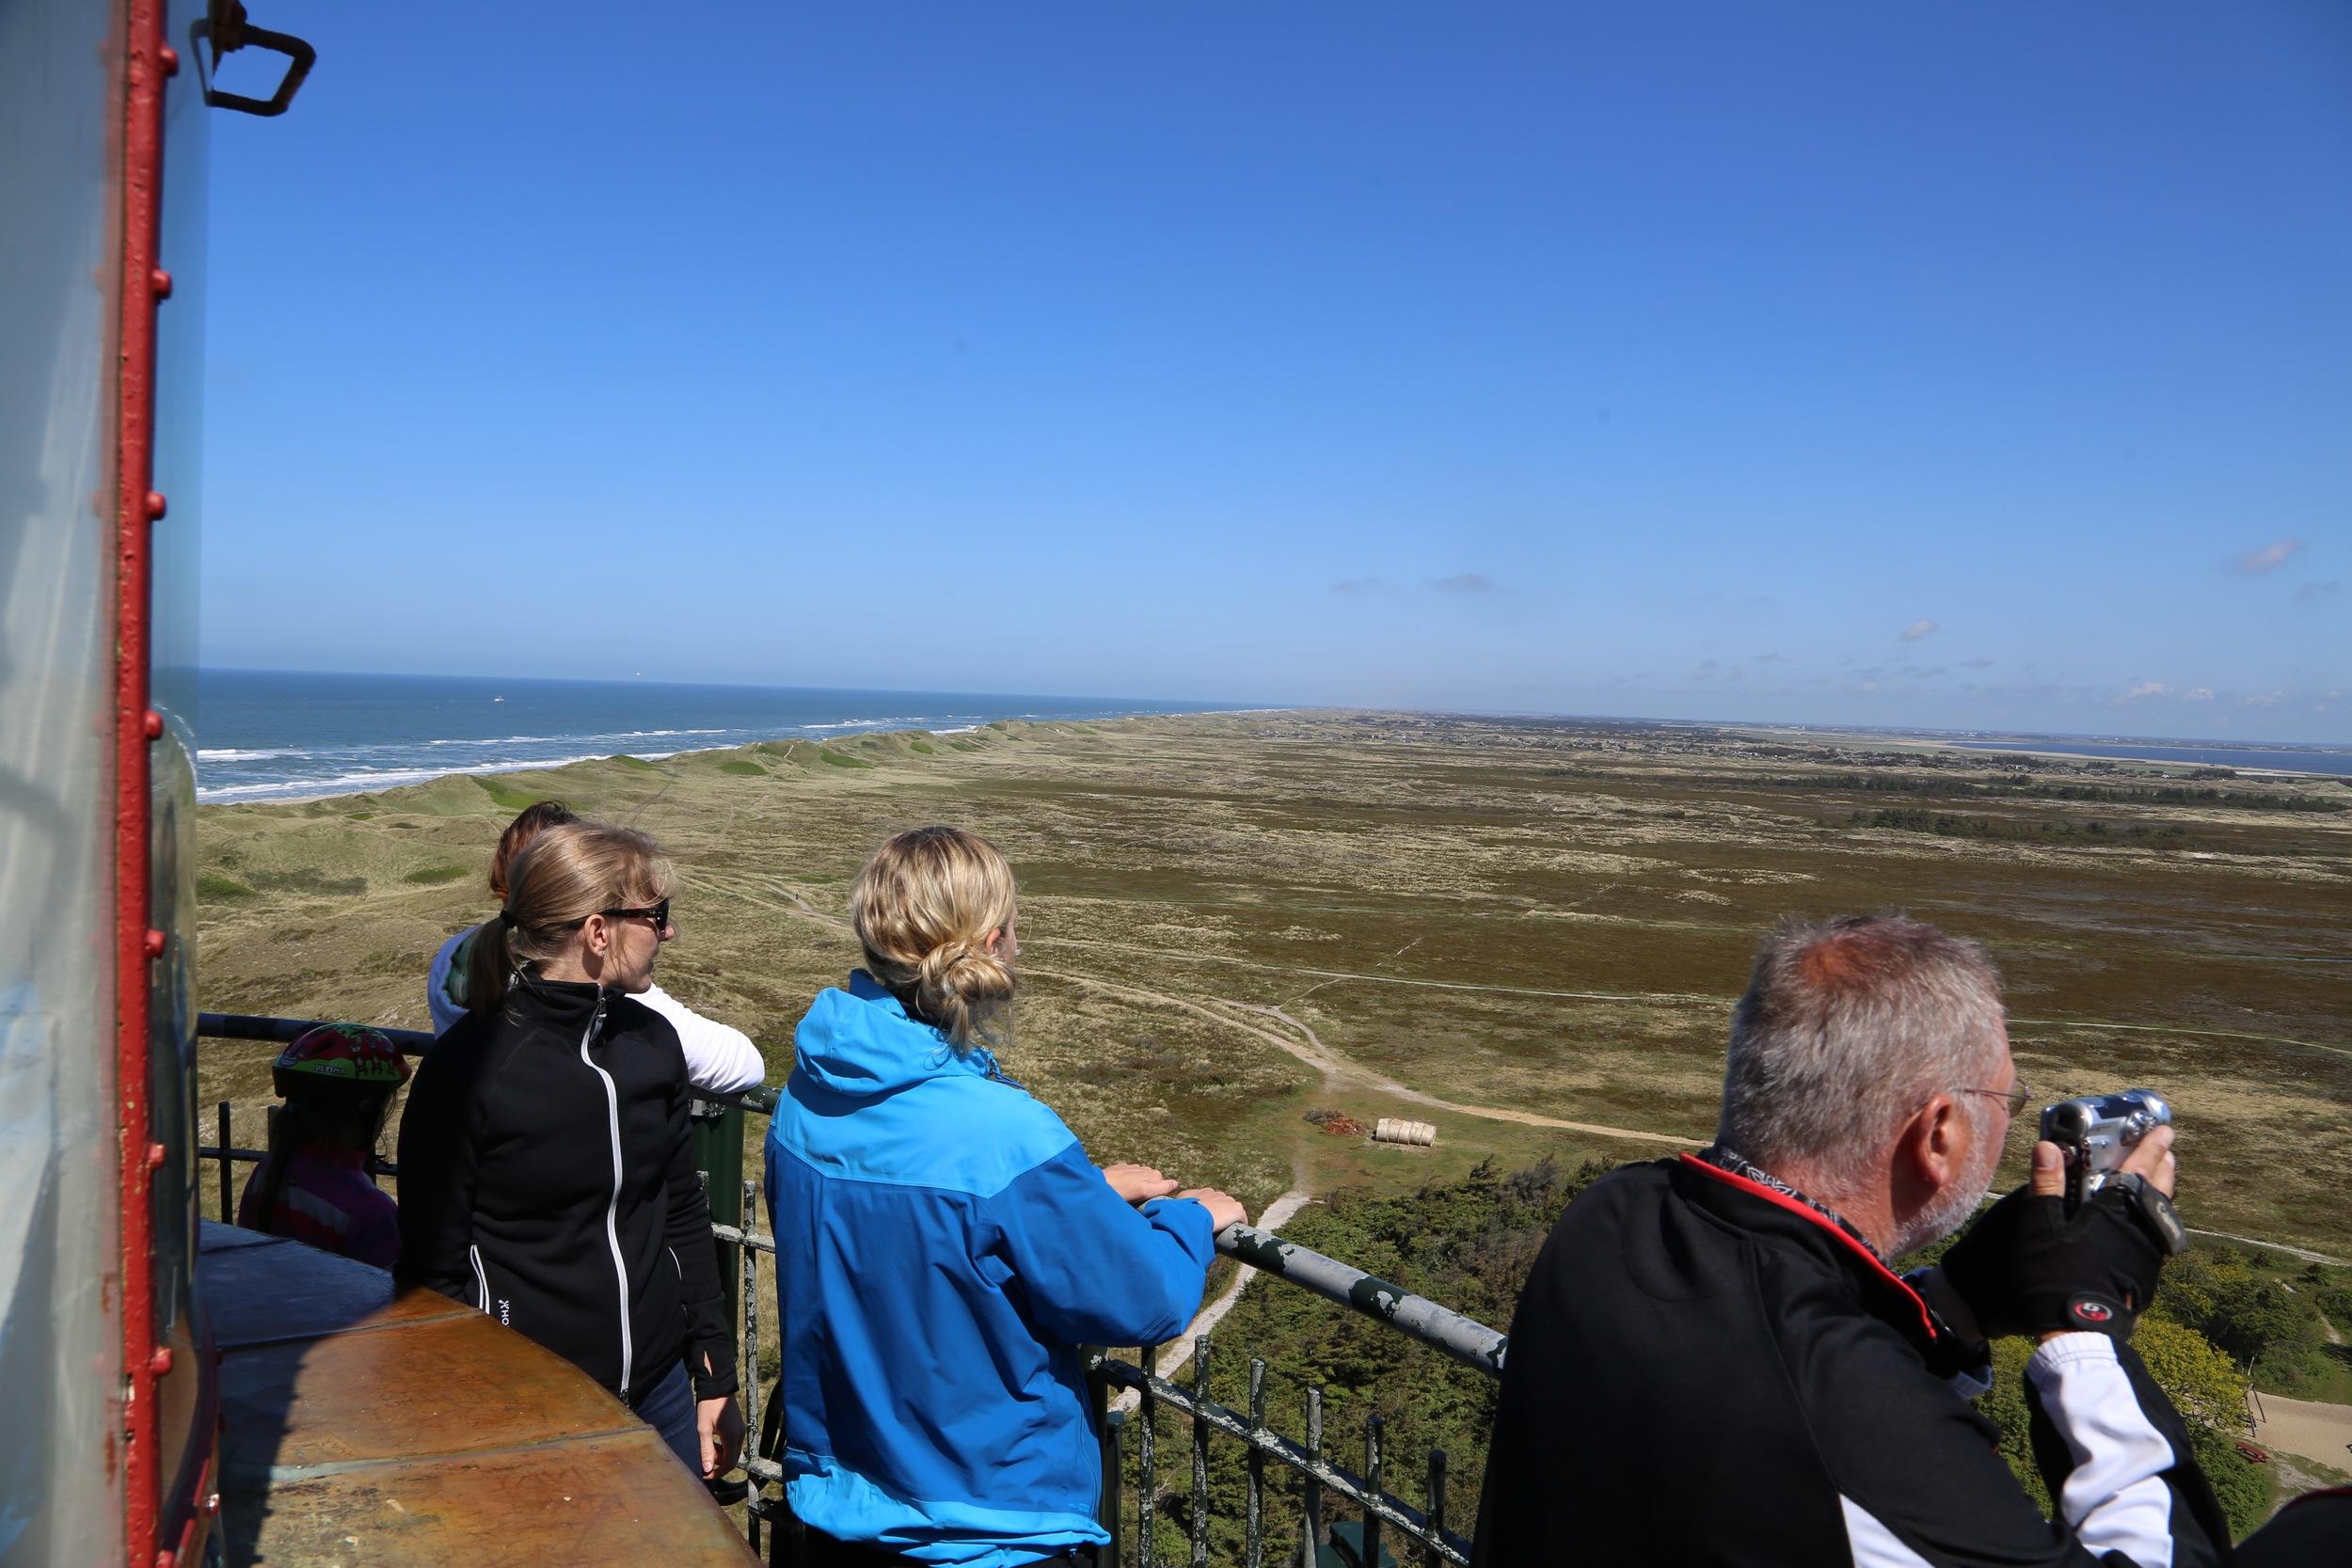 Spektakulær utsikt fra toppen. av Lyngvig Fyr. Foto: Odd Roar Lange